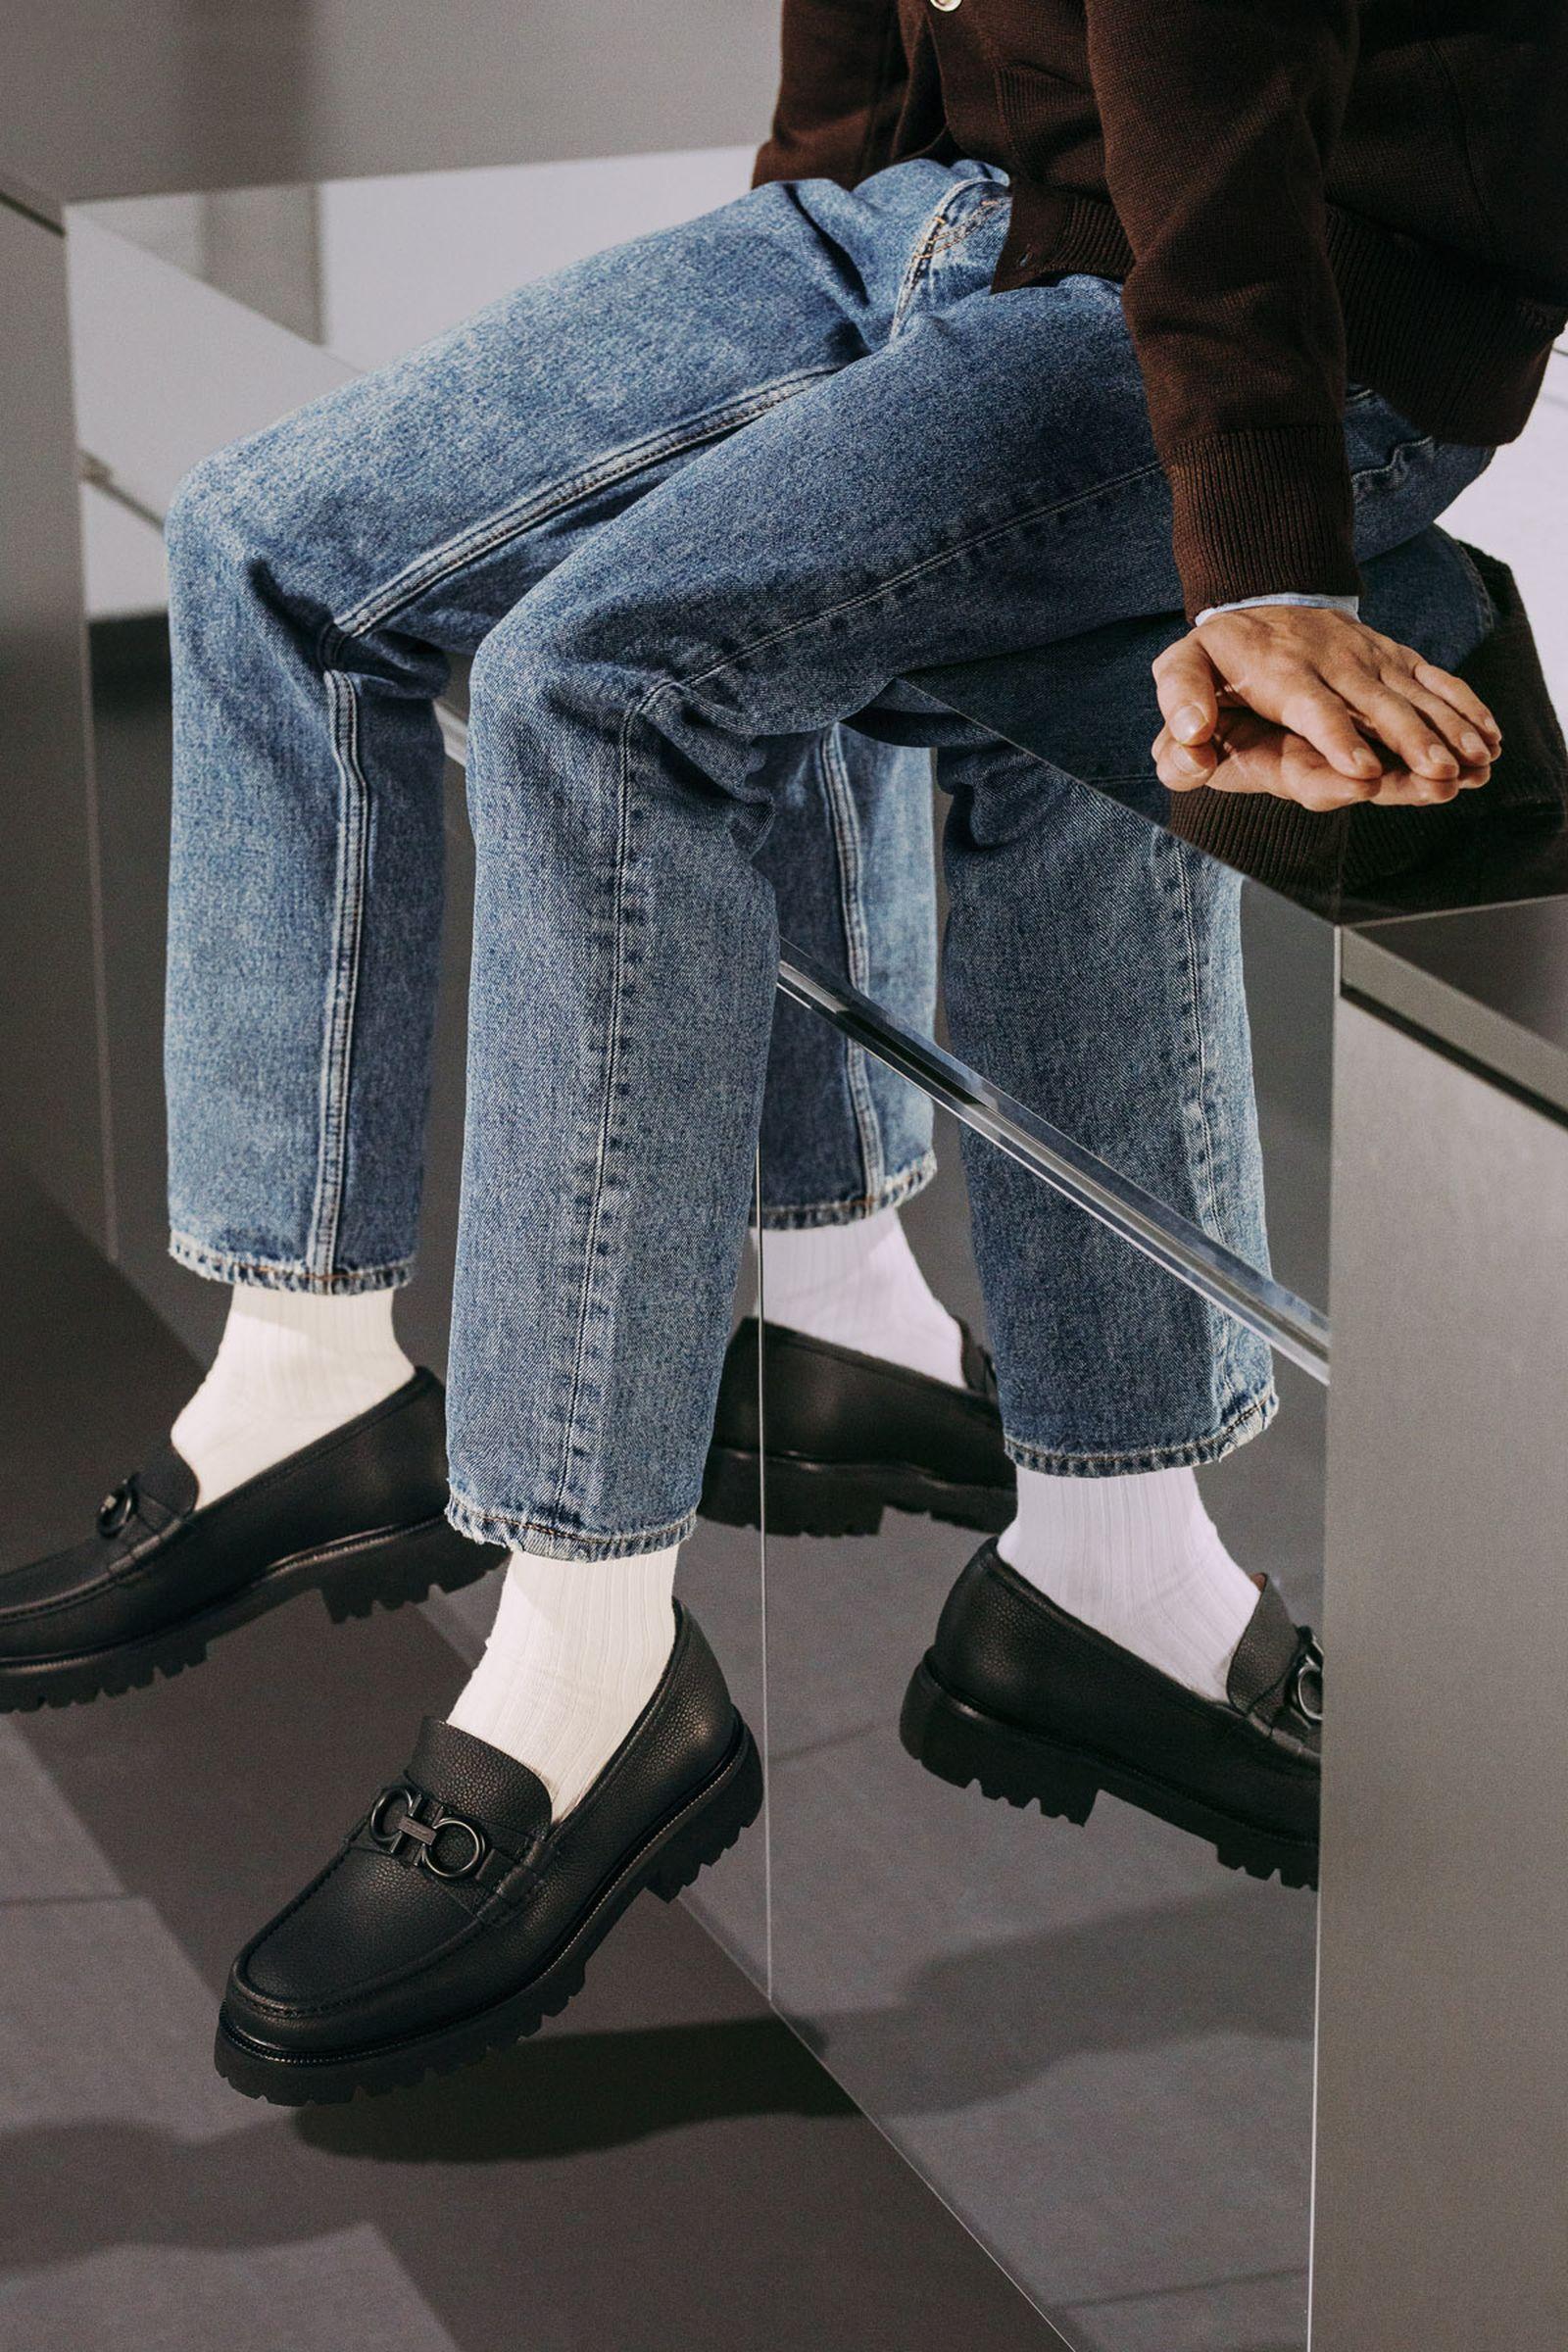 ferragamo-footwear-style-guide-13